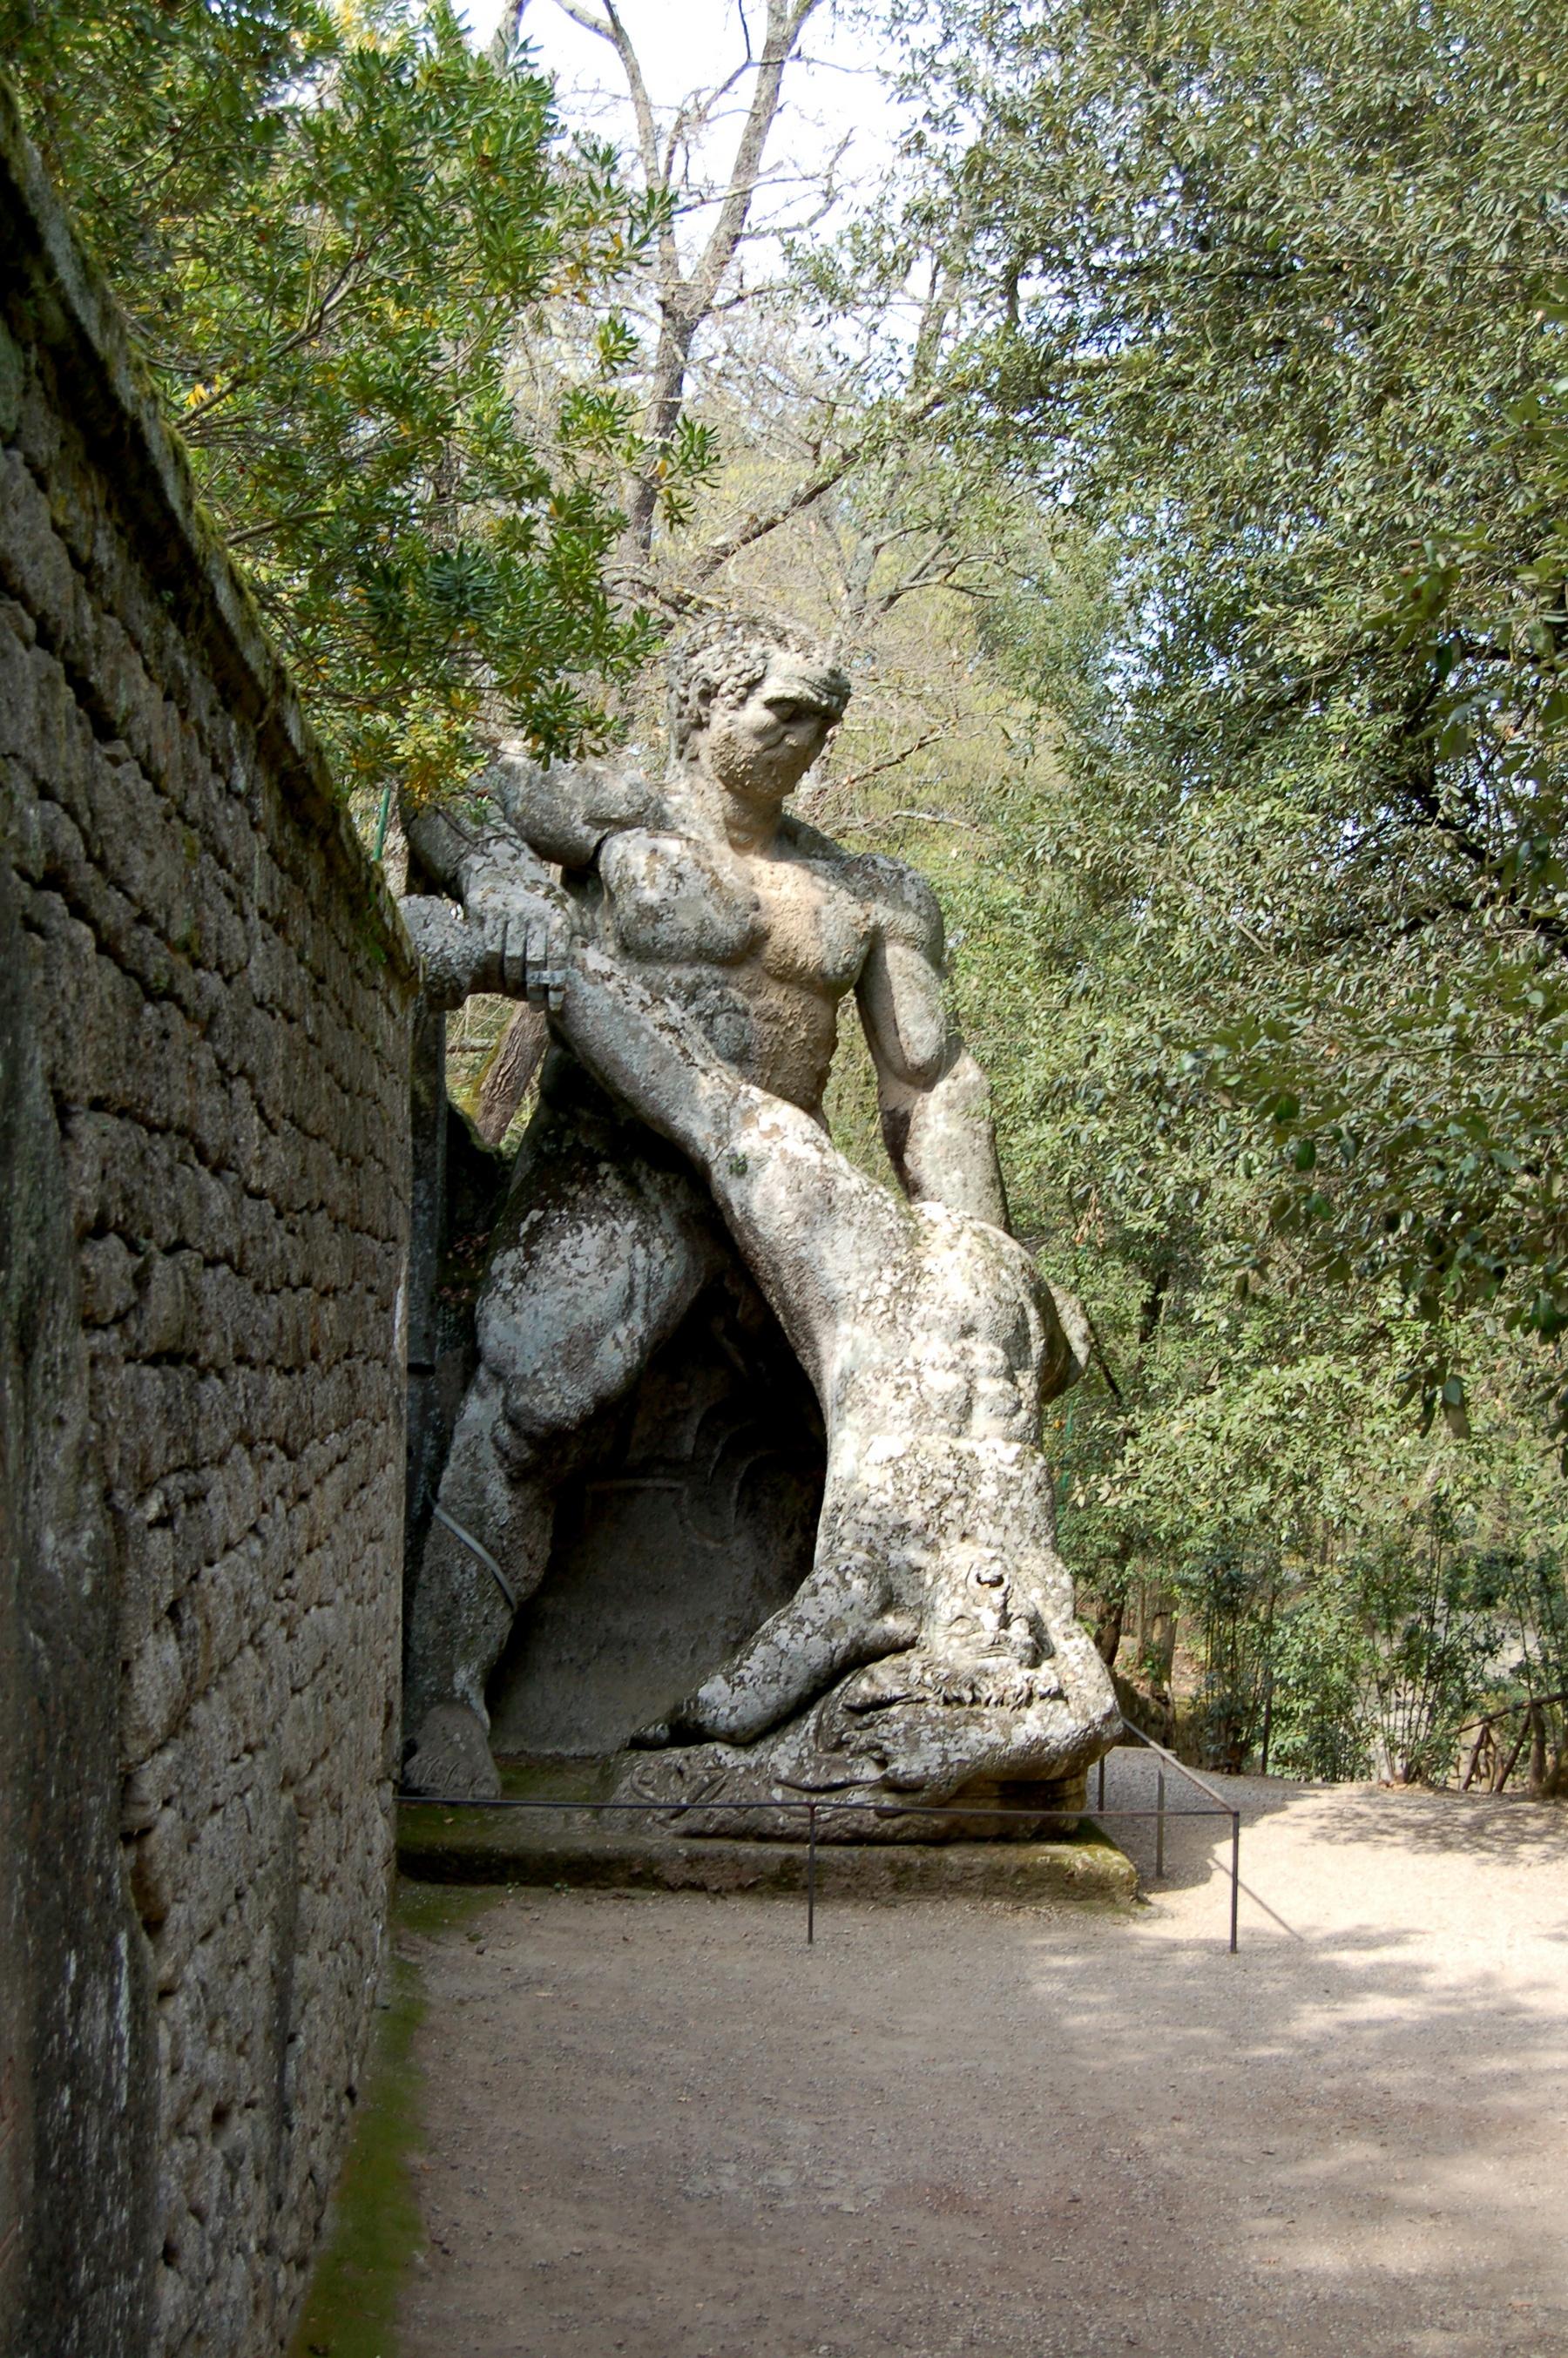 Inizio Il Piccolo Giardino Taormina Galleria Di Giardino Stile